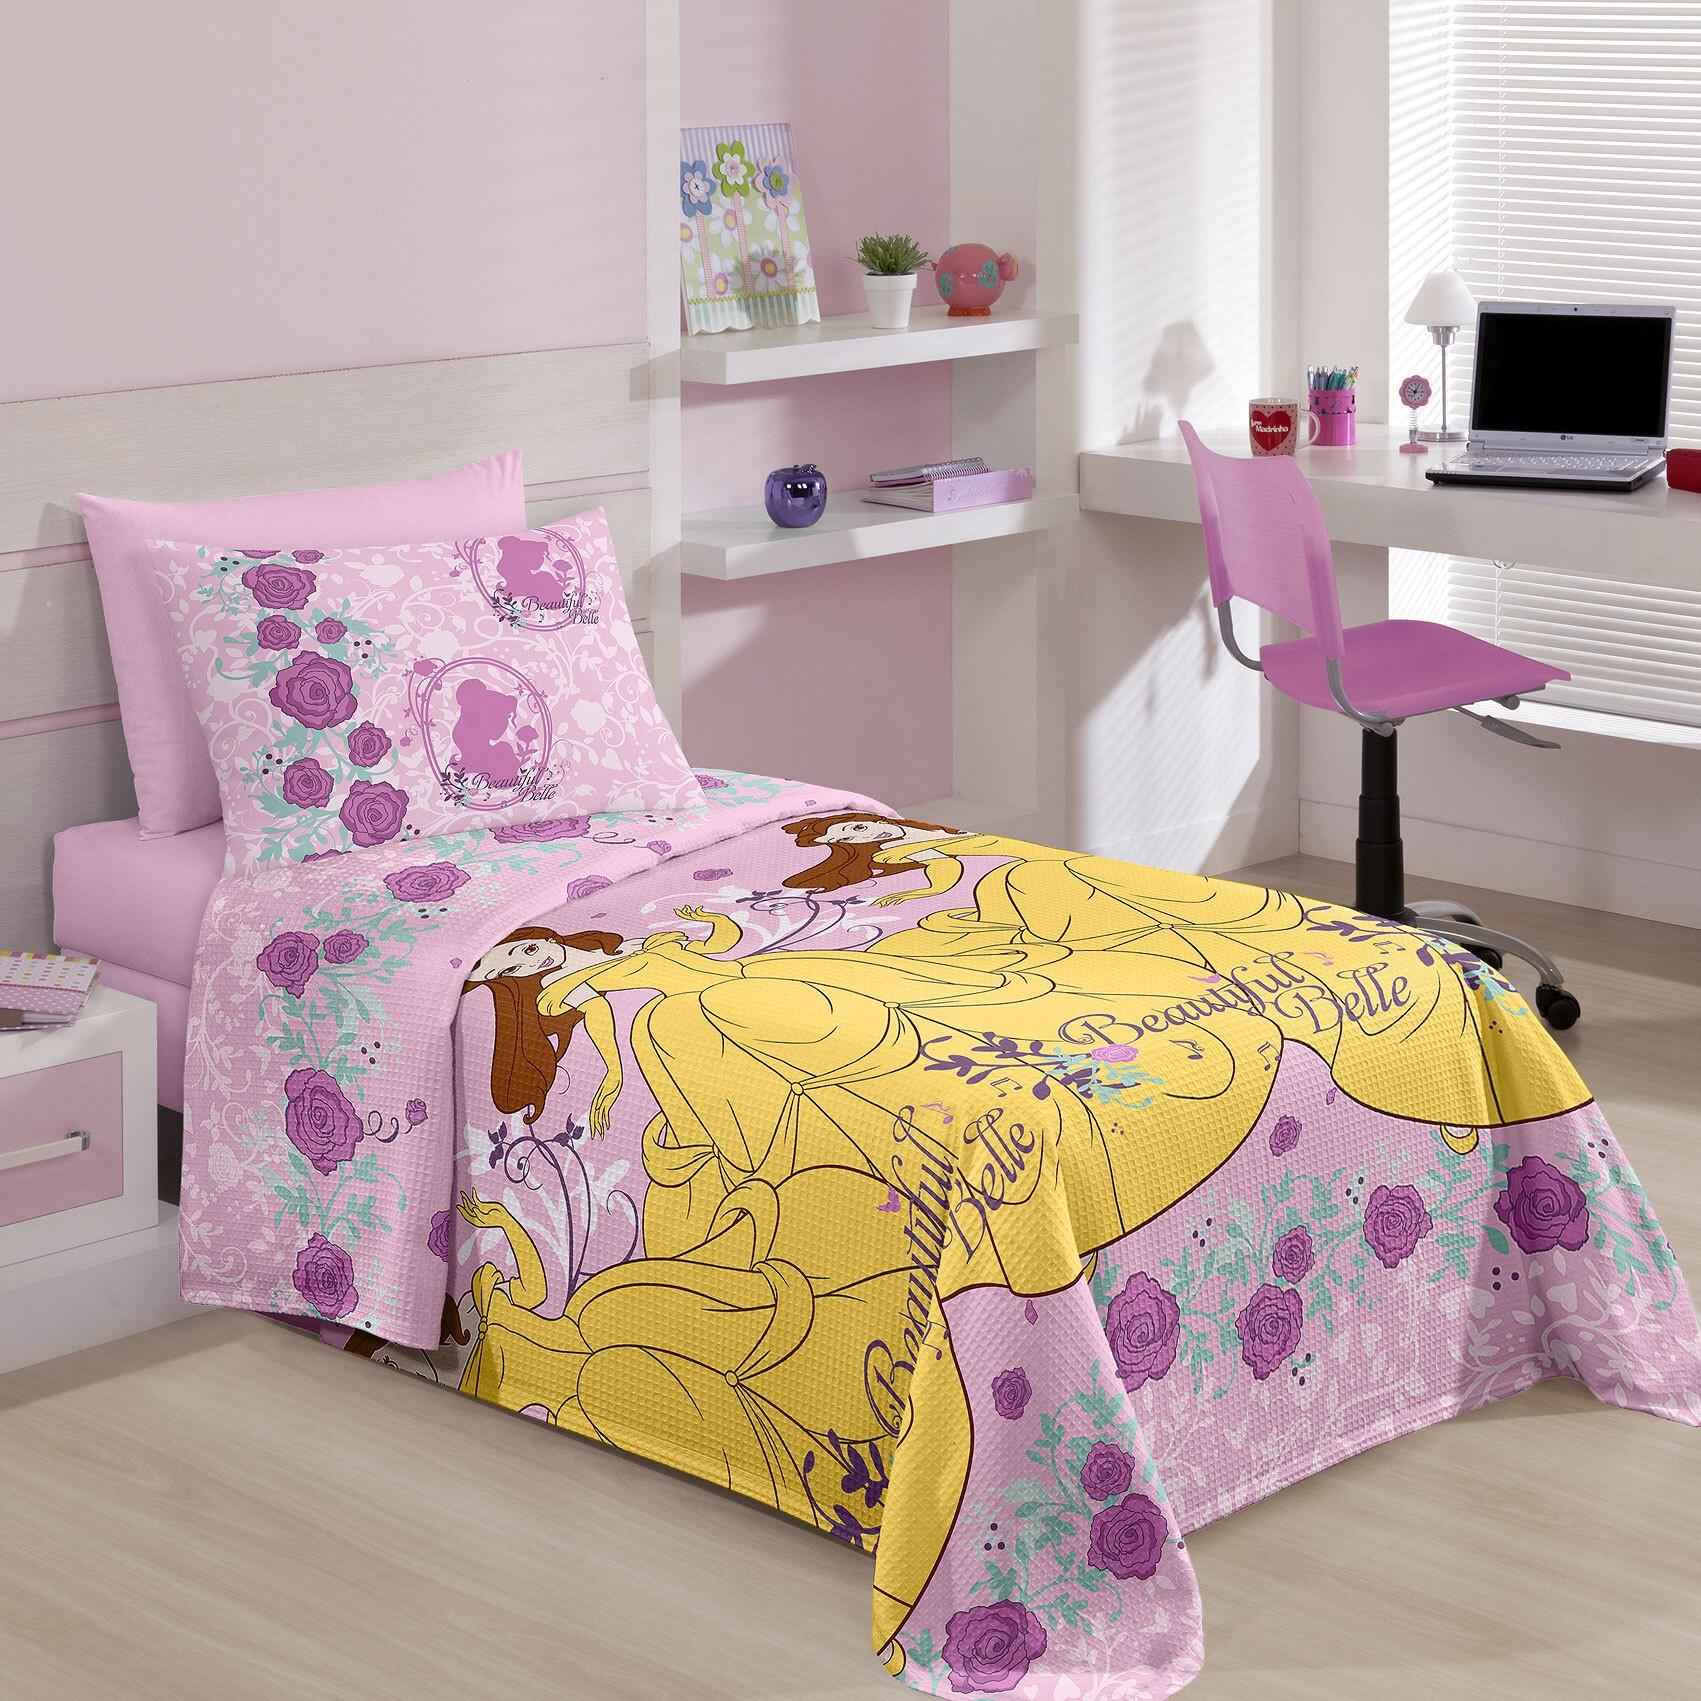 Colcha Solteiro Santista Piquet Princess Belle 100 Algodao 150x230 cm Rosa